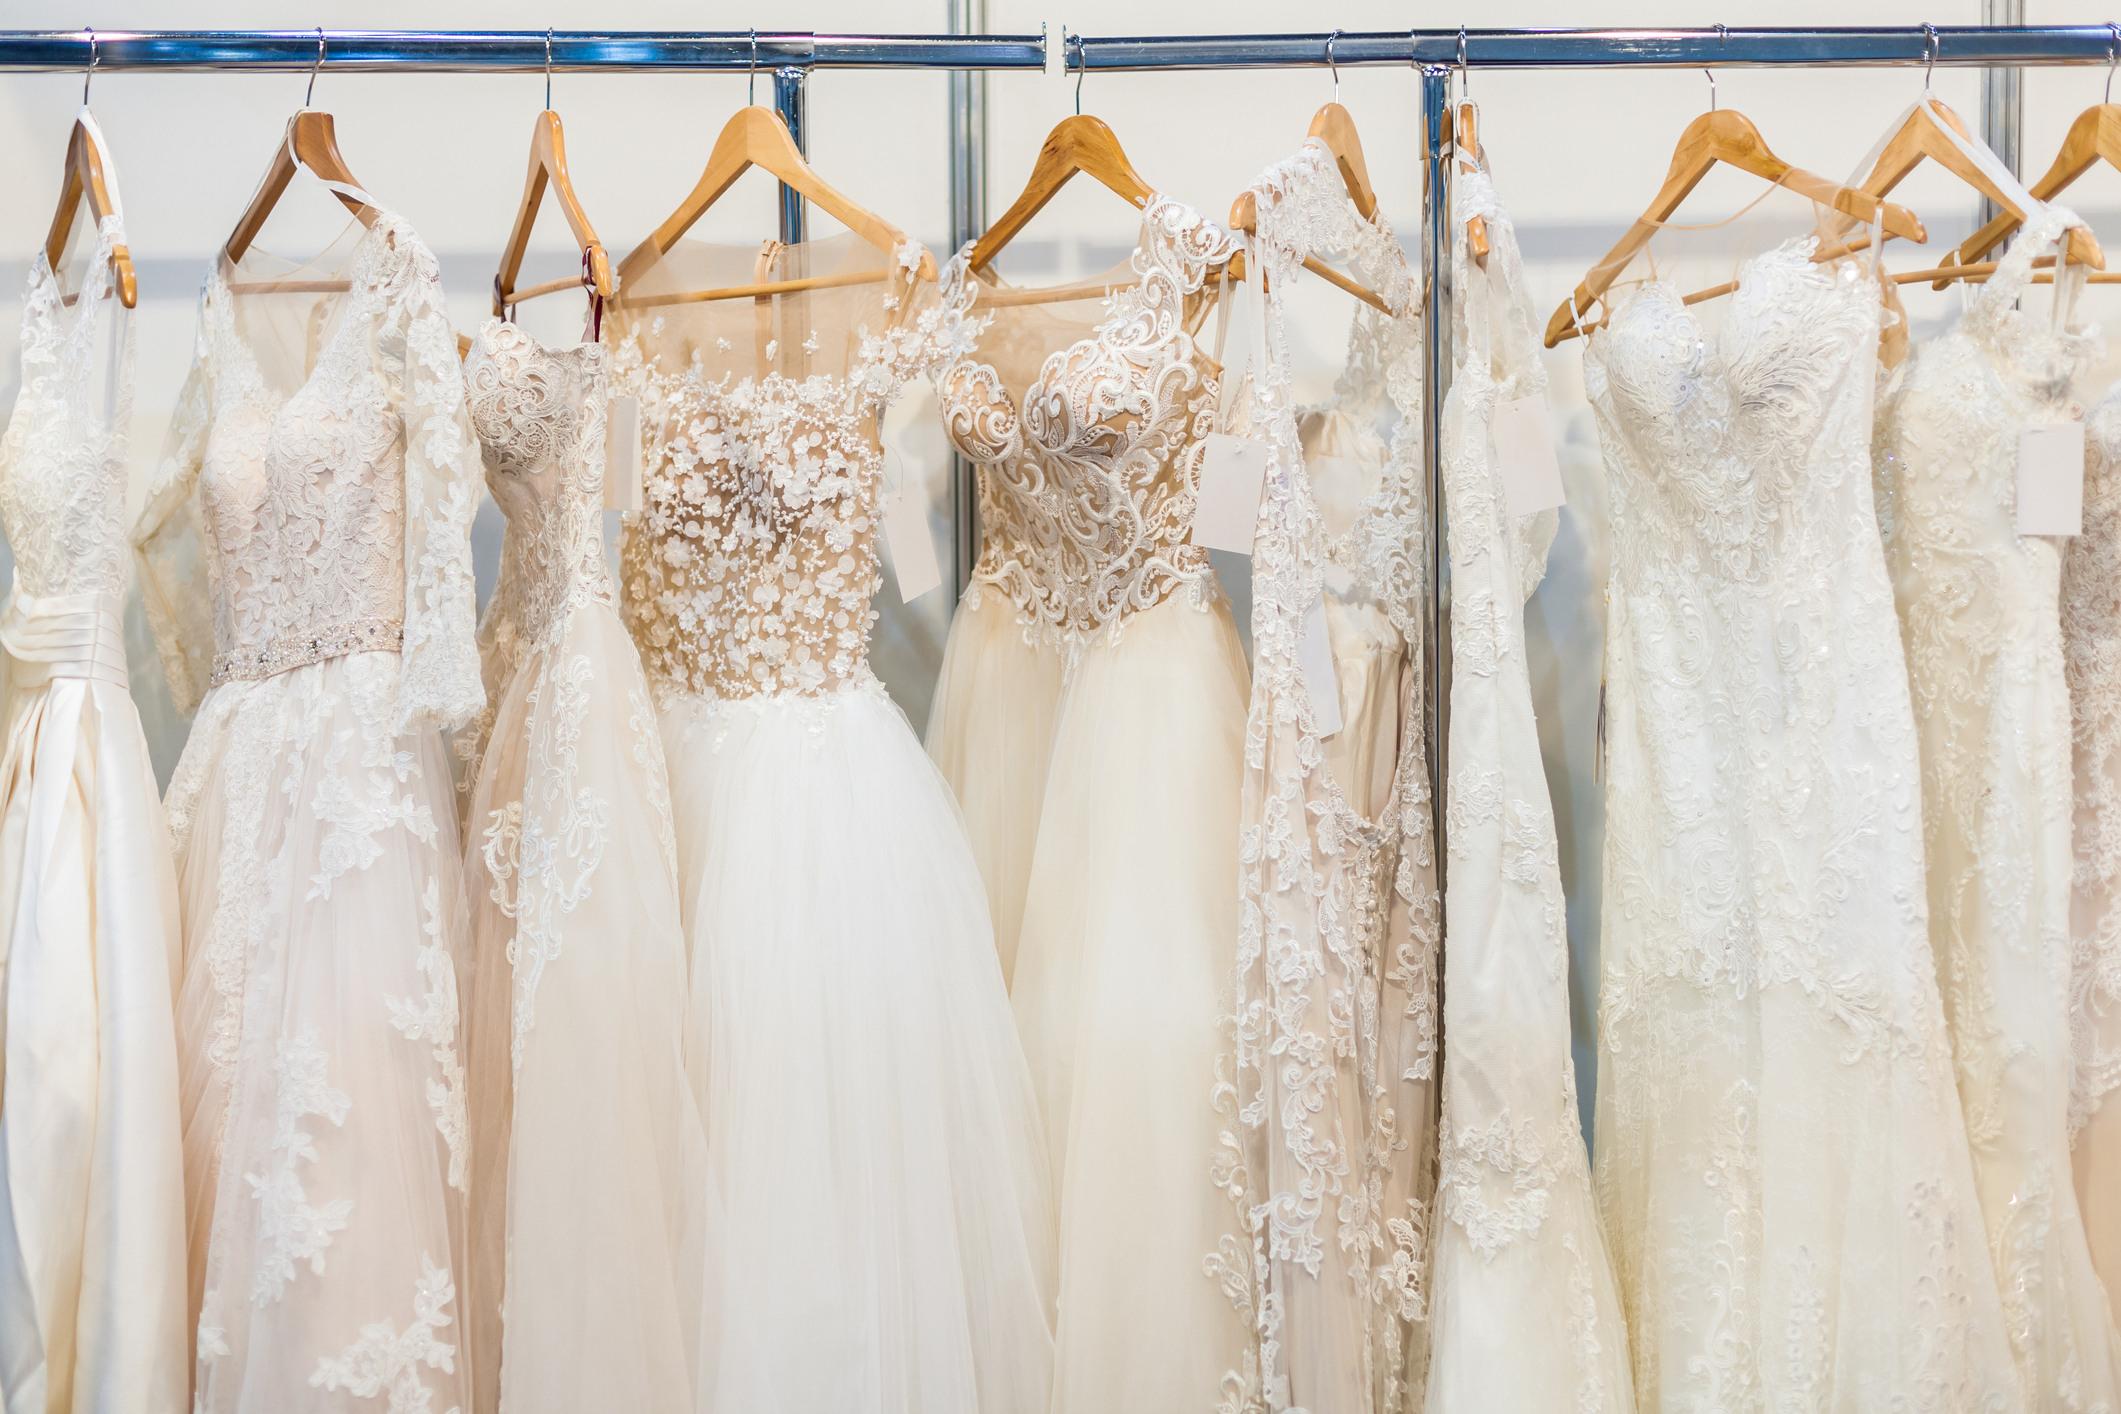 Brautkleid Spenden Für Sternenkinder: Hilfe Nach Der